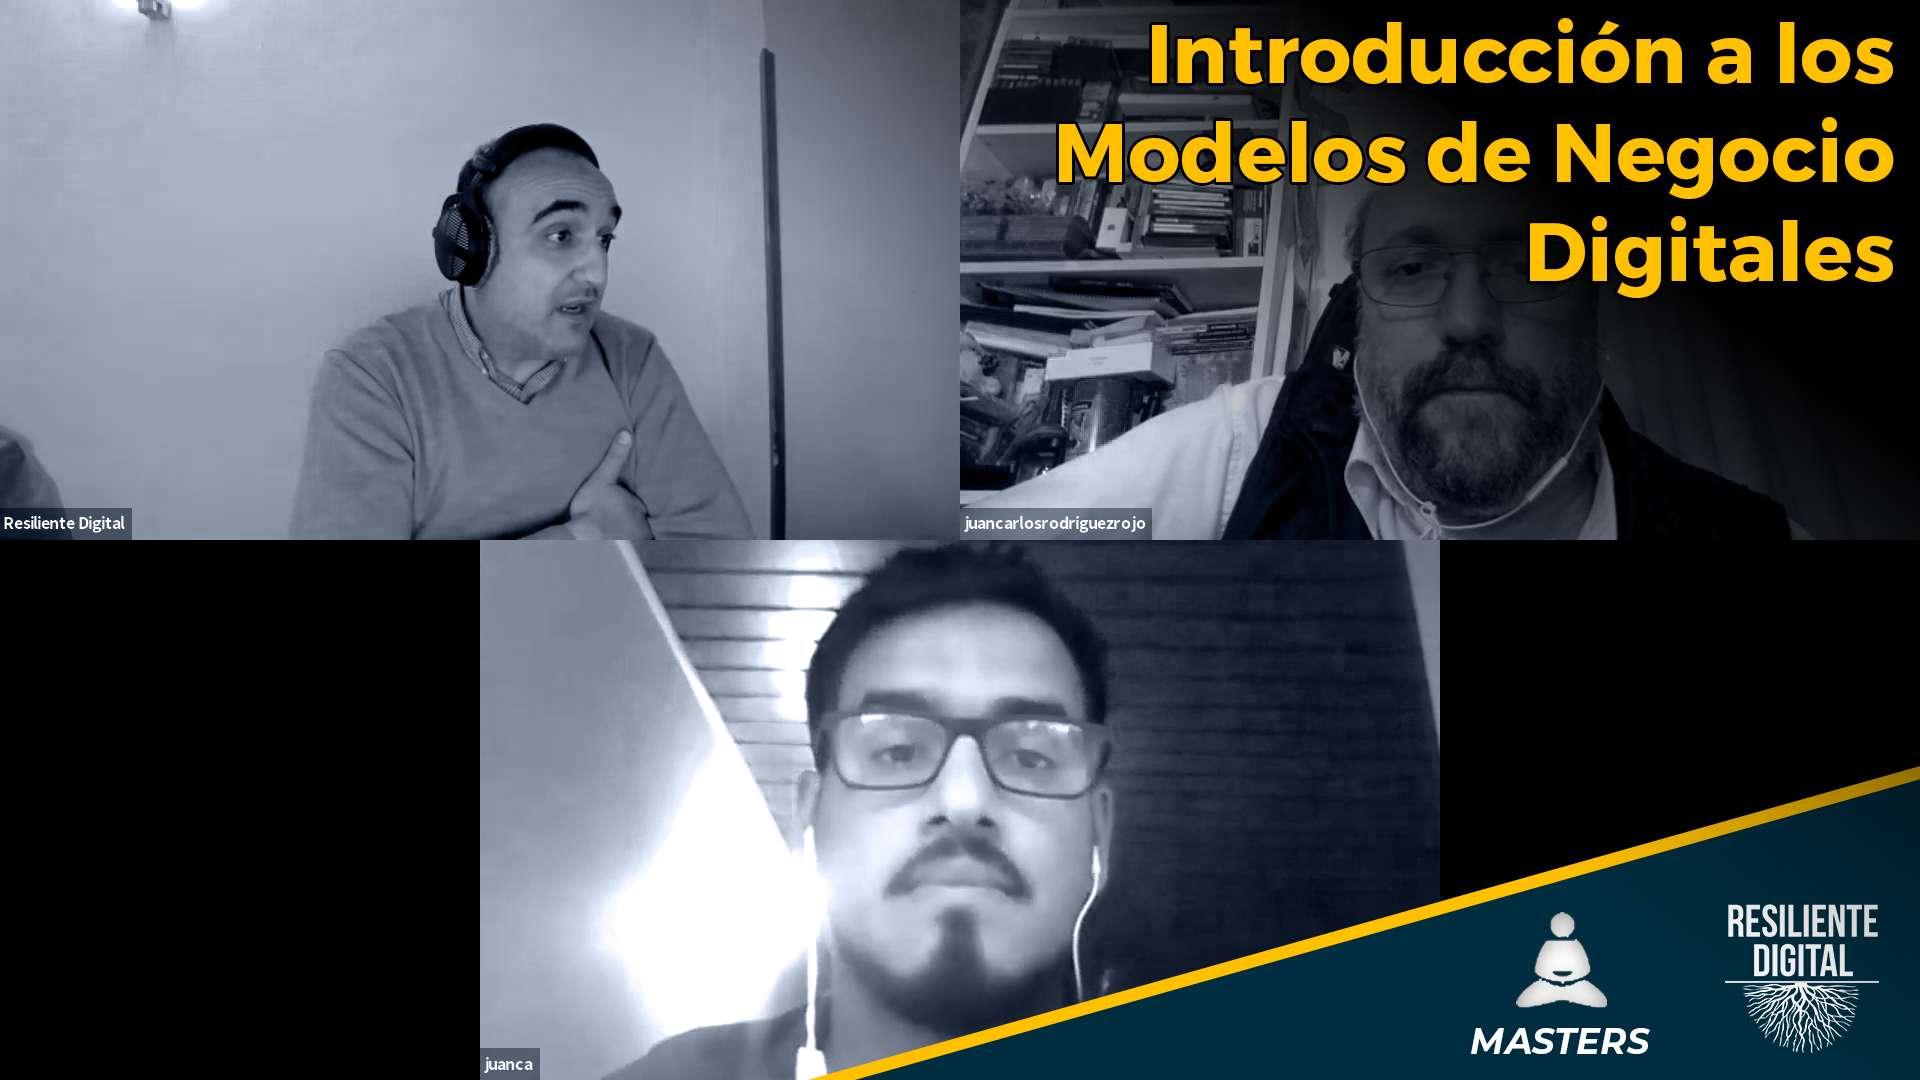 Introducción a los Modelos de Negocio Digitales